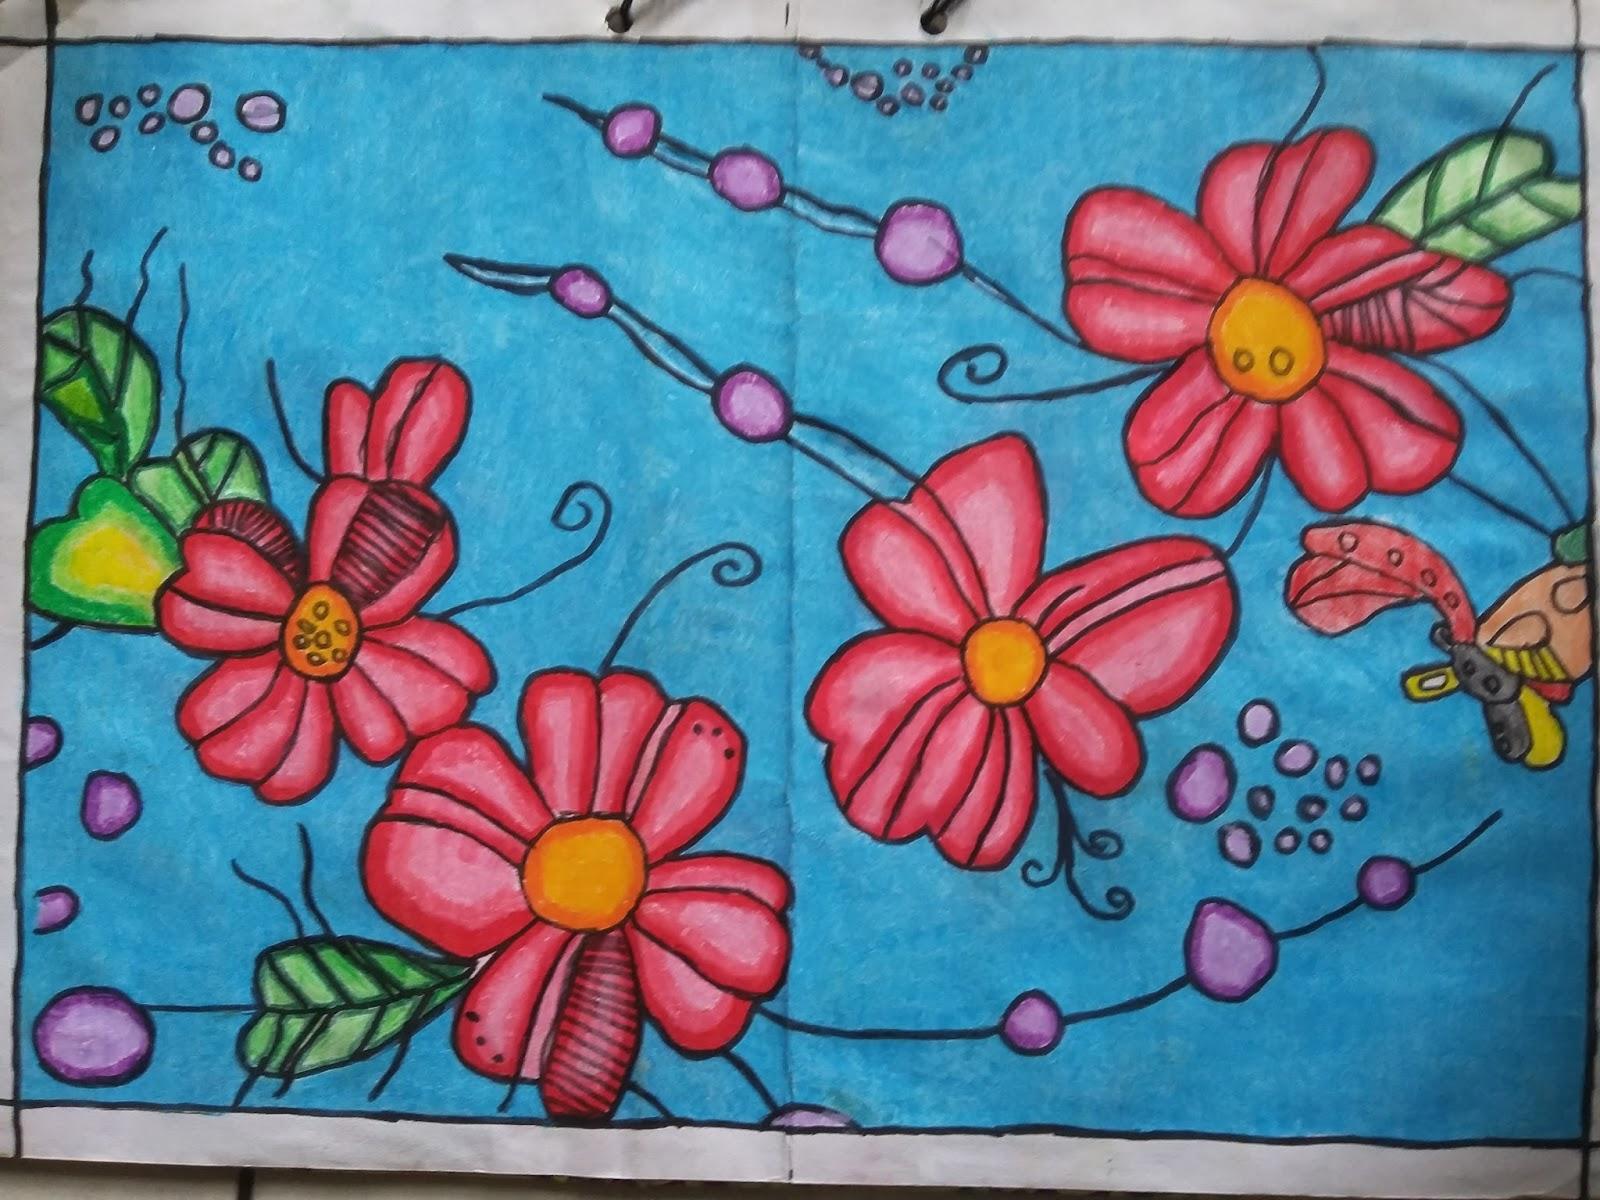 84 Gambar Ragam Hias Geometris Flora Terlihat Keren